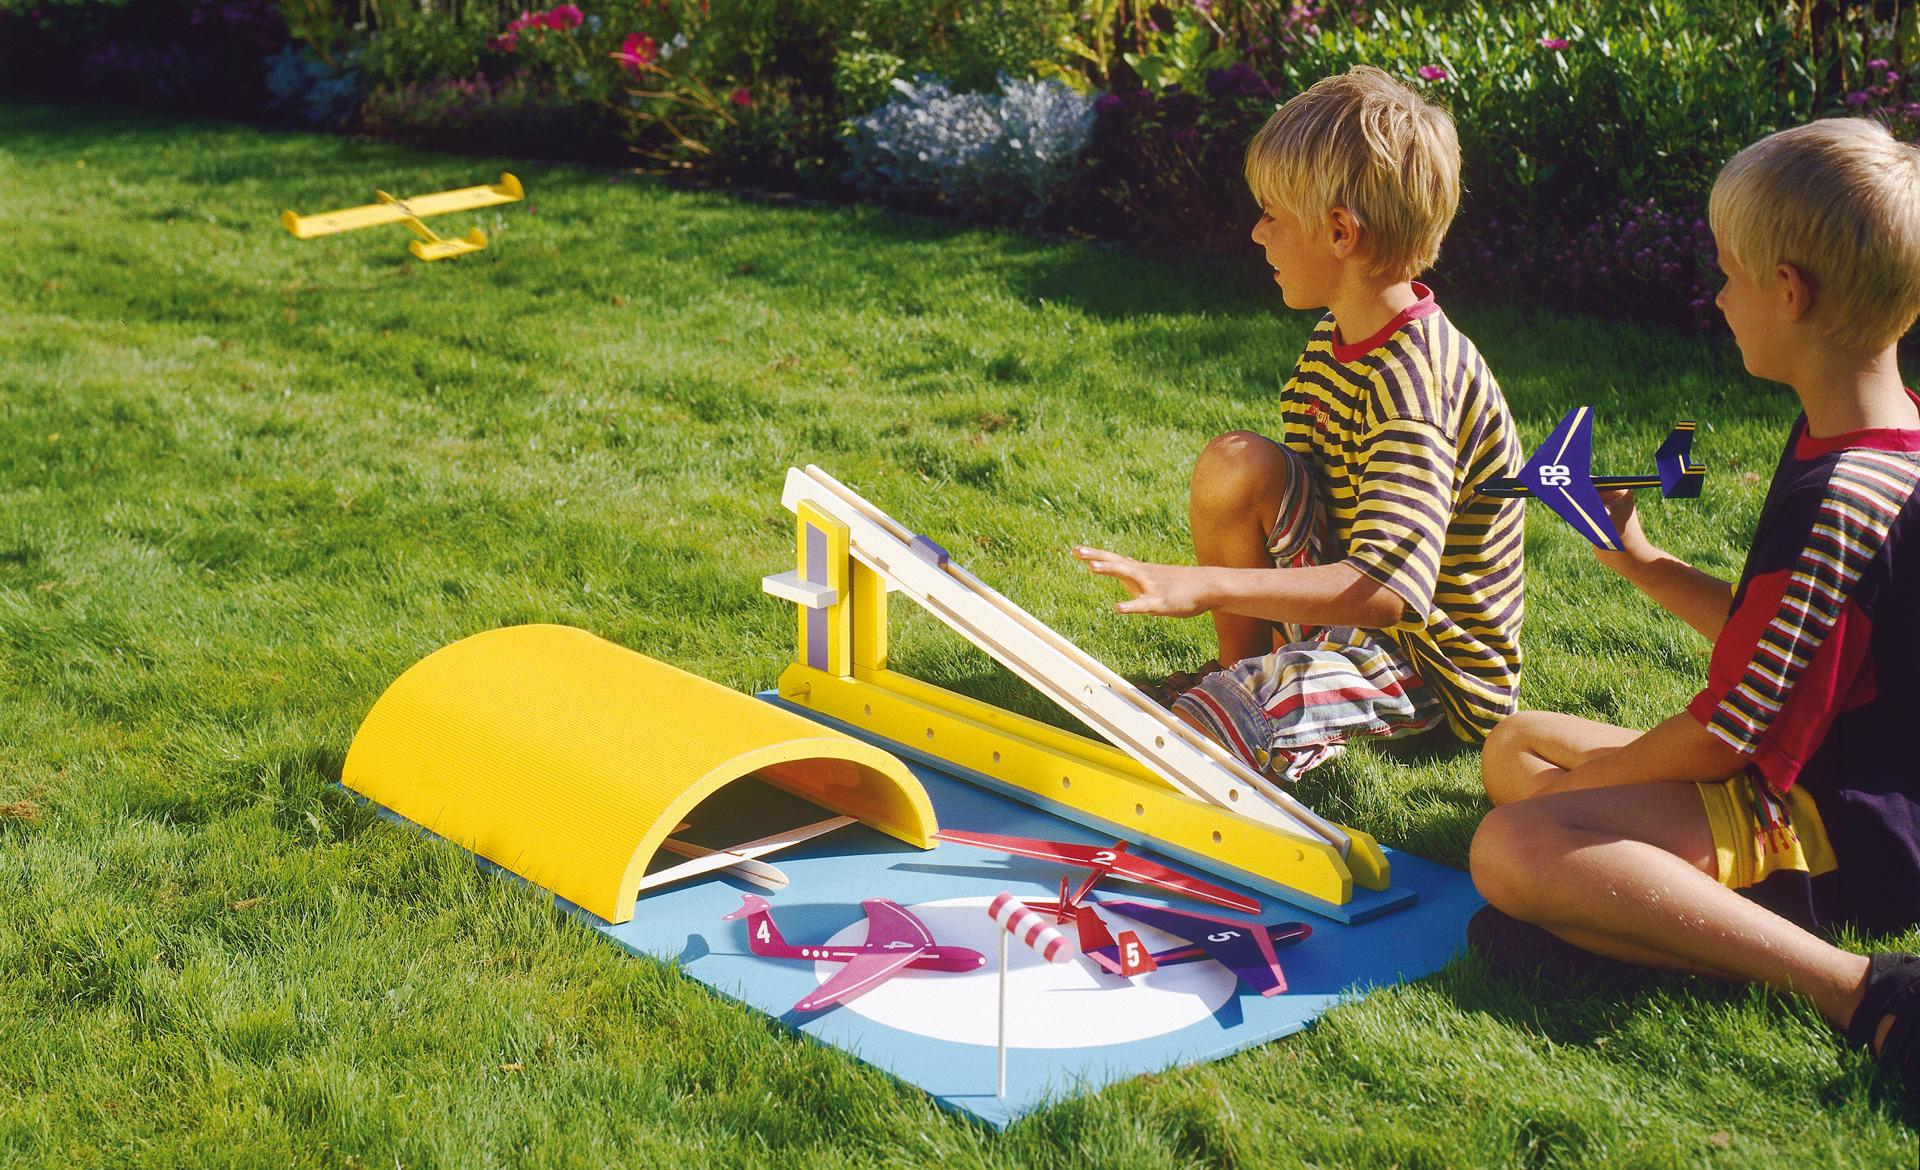 Wäschetruhe Holz Selber Bauen ~ Flugzeug basteln  Spielzeug & Spielgeräte  selbst de